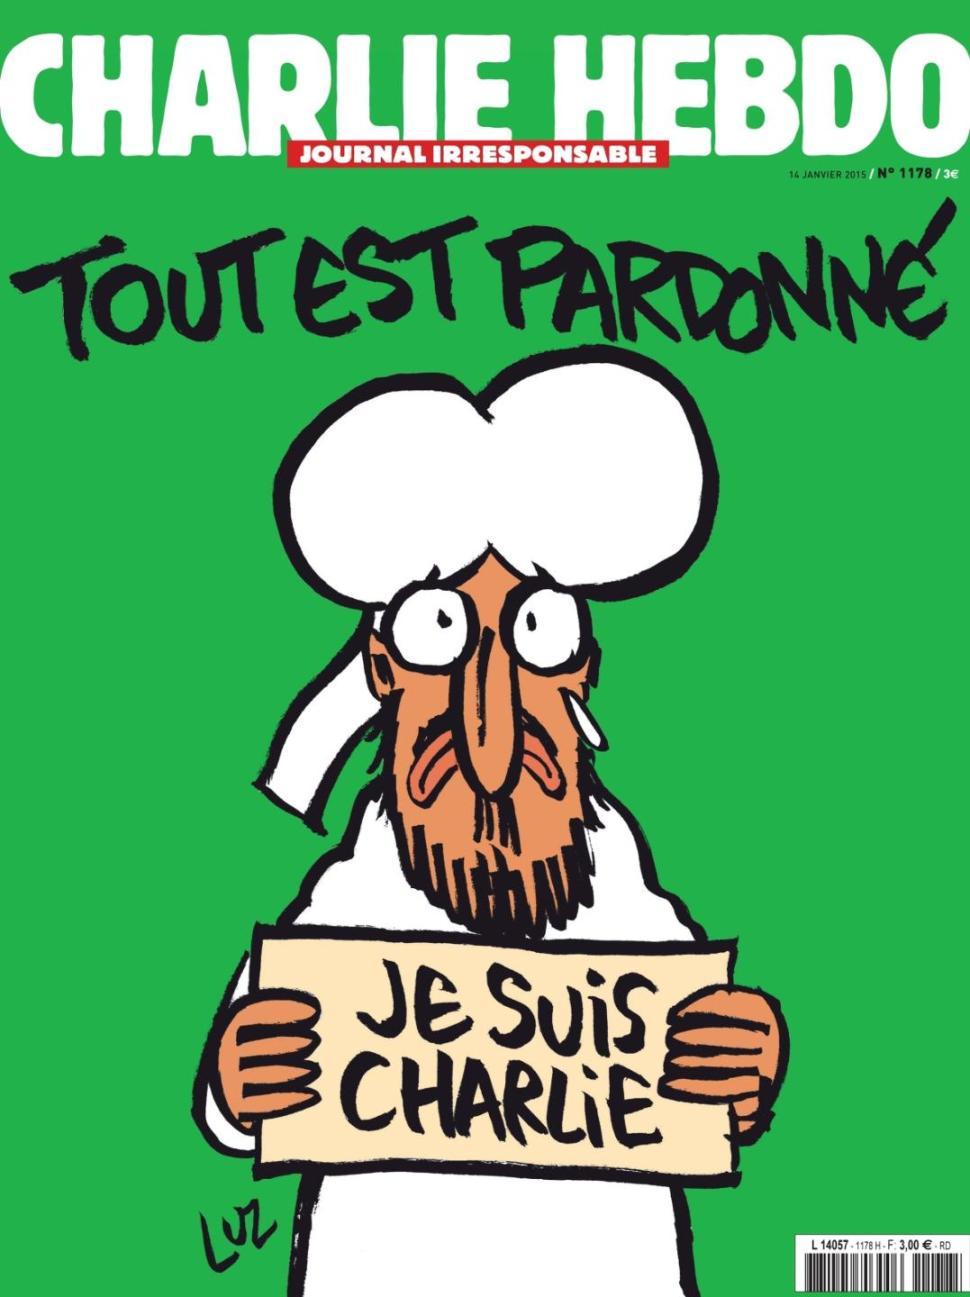 charlie hebdo cover mohammed